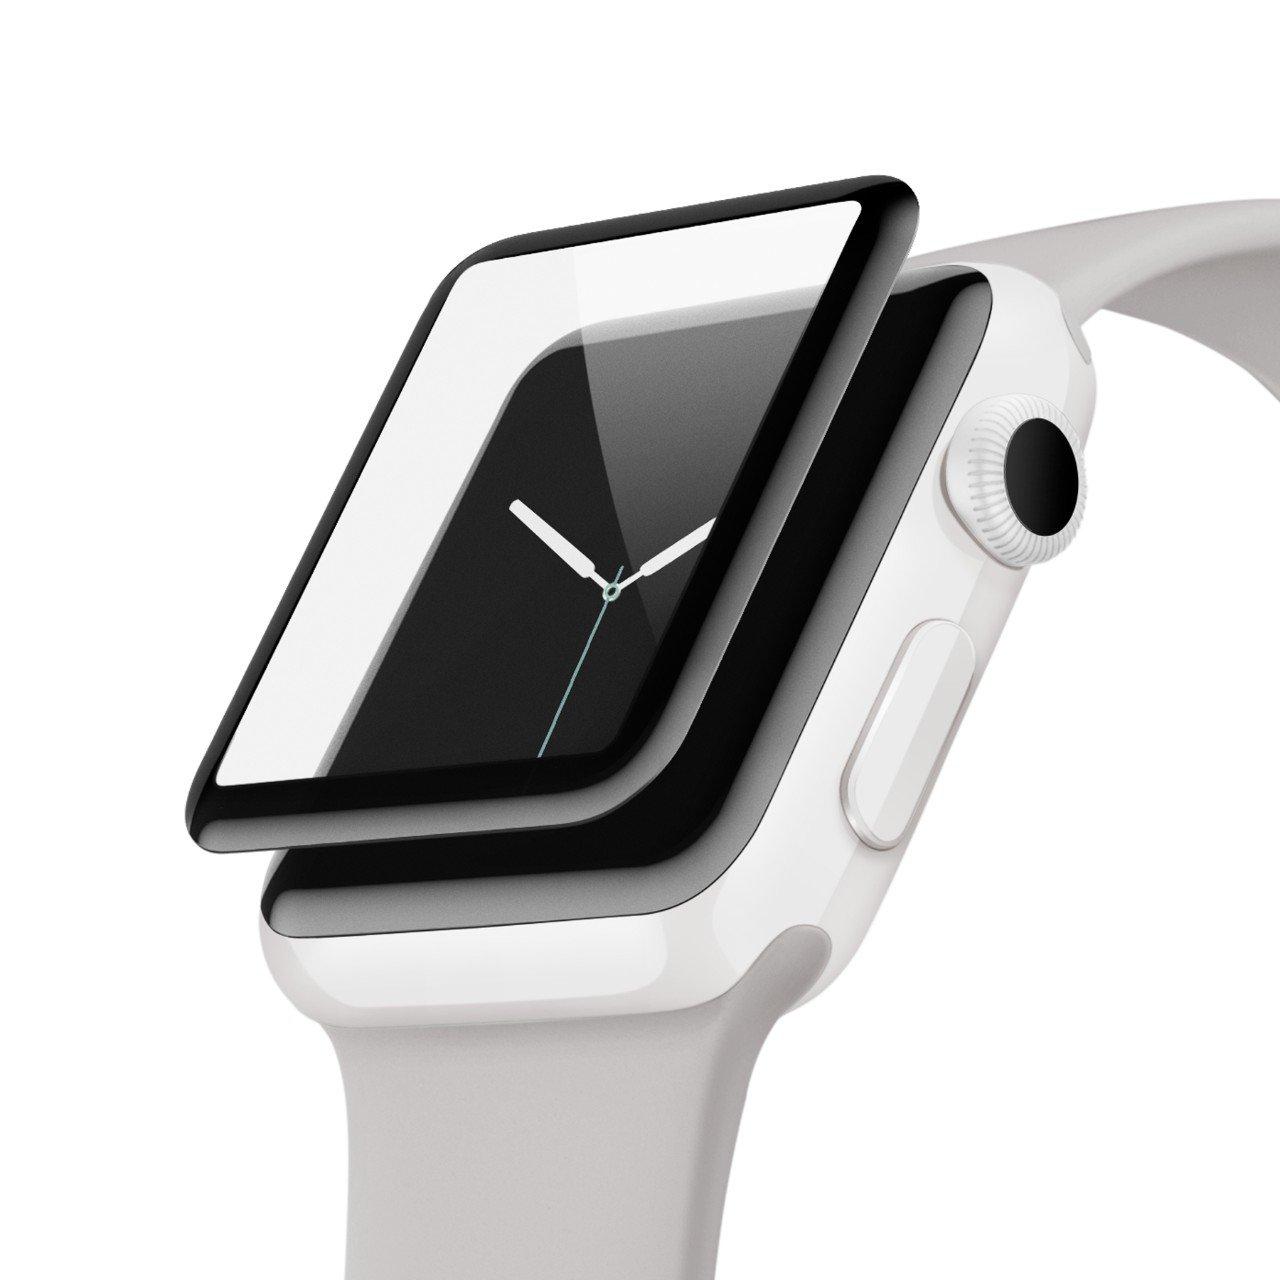 Belkin ScreenForce UltraCurve Screen Protector (Apple Watch Series 3/2, 42mm) by Belkin